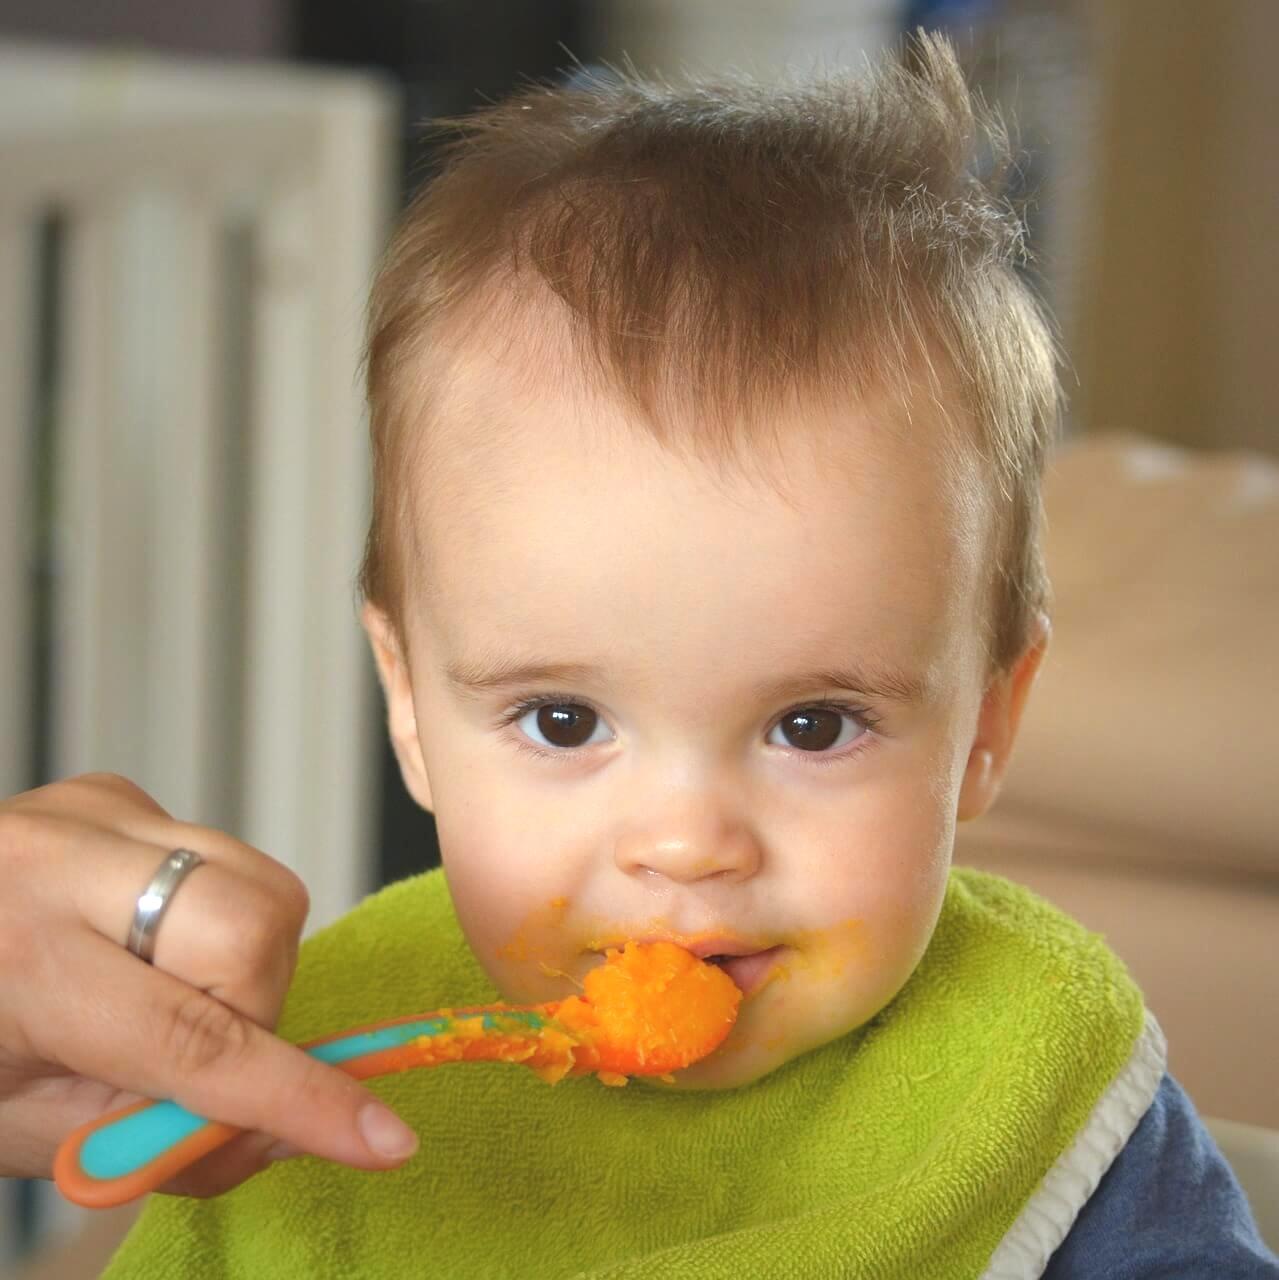 baby+being+spoon+fed+orange+puree.jpg